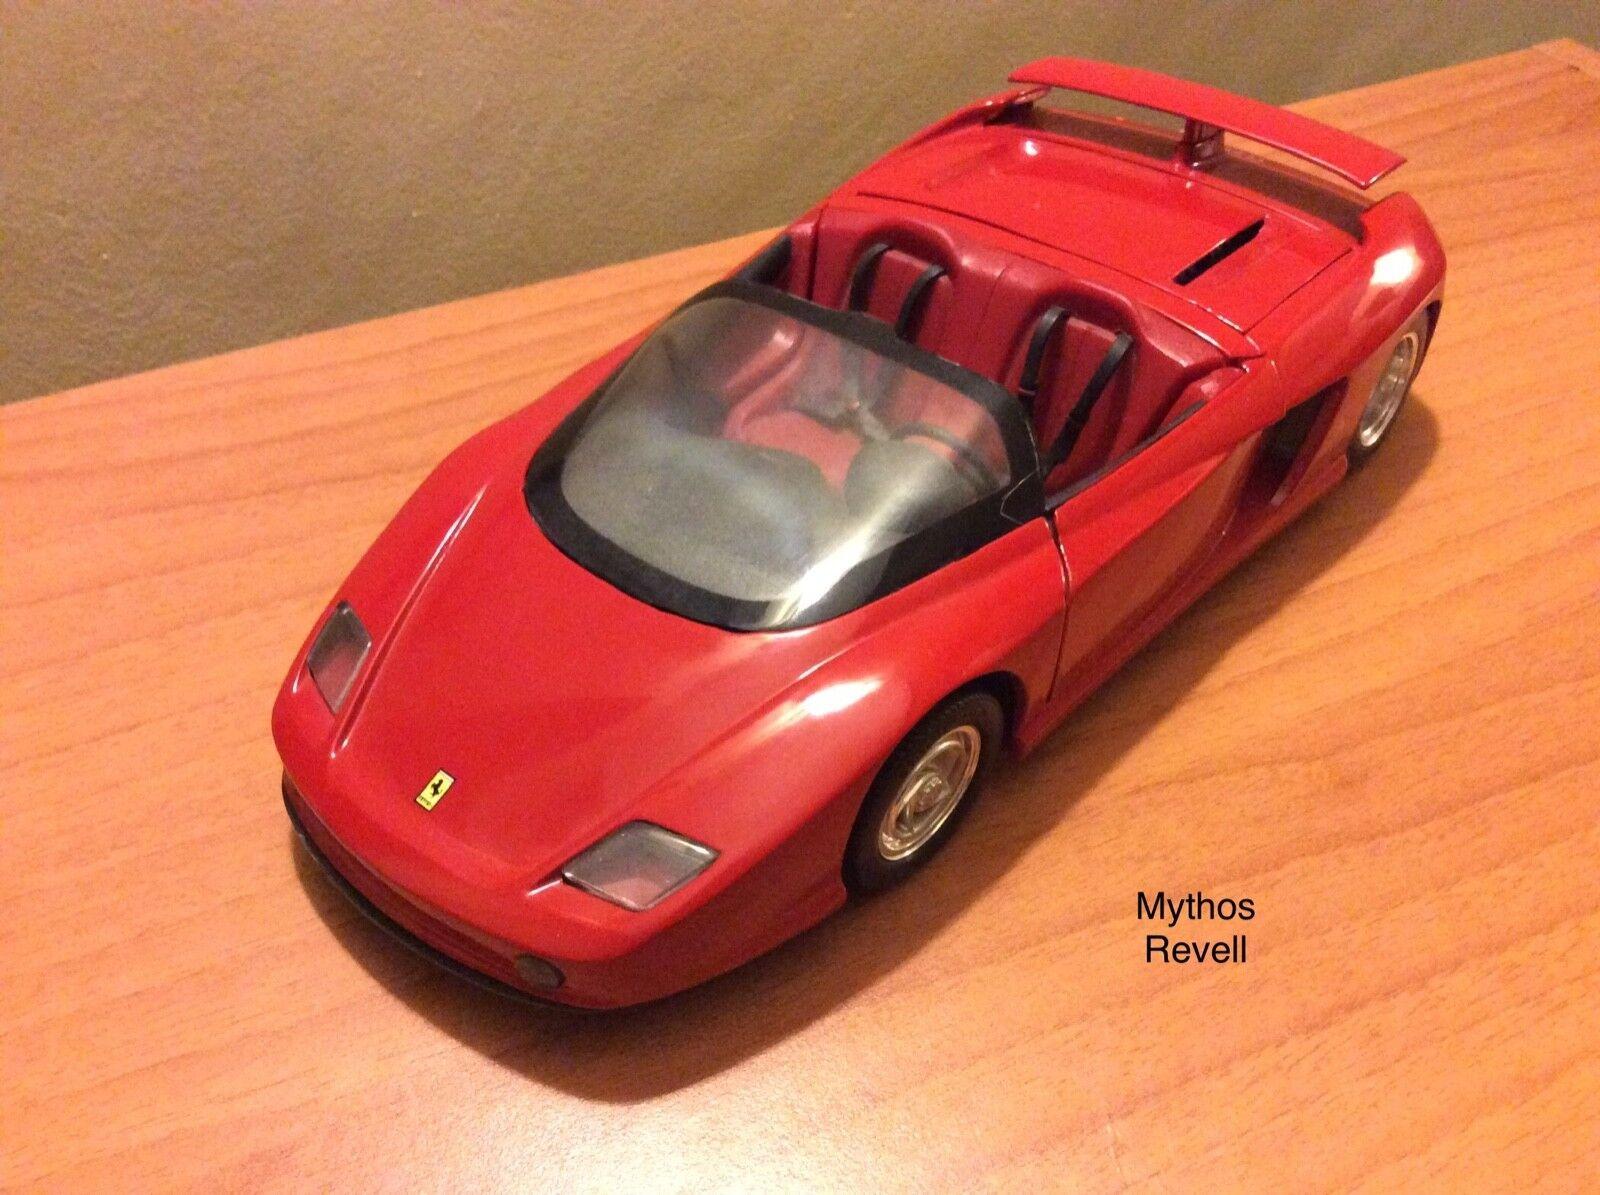 Ferrari Mythos 1 18 Revell